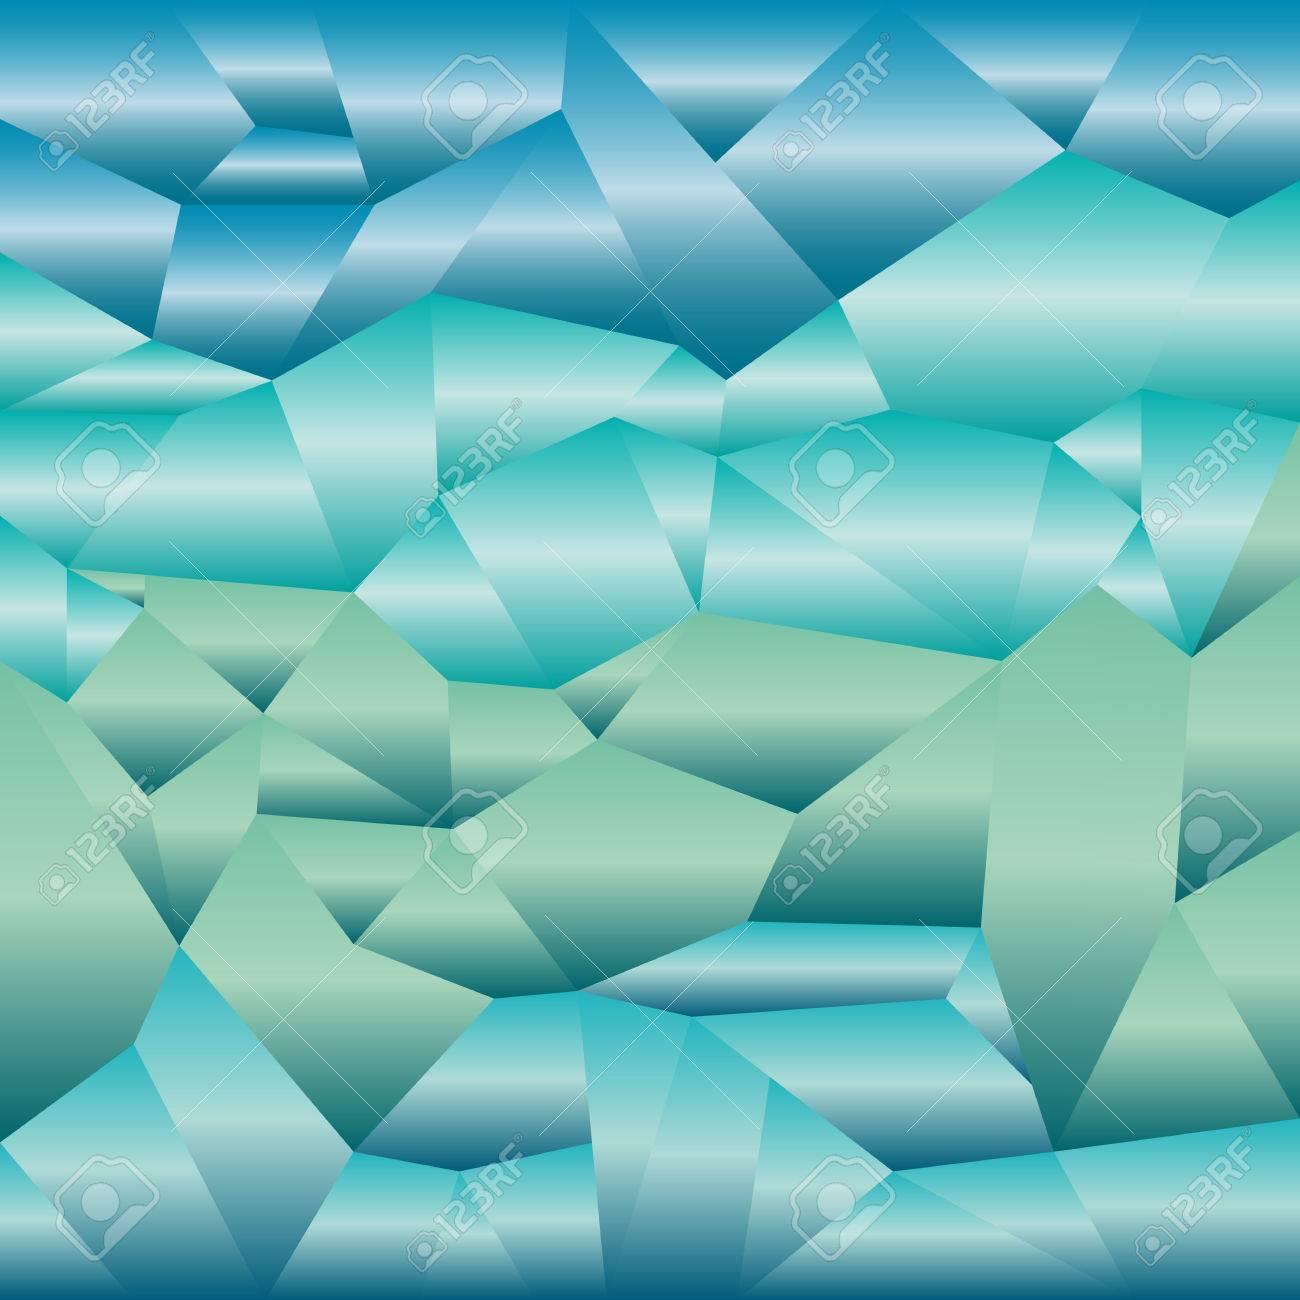 MetallicMosaikFliesen In Blaugrün Tönen Hintergrund Lizenzfrei - Mosaik fliesen metallic